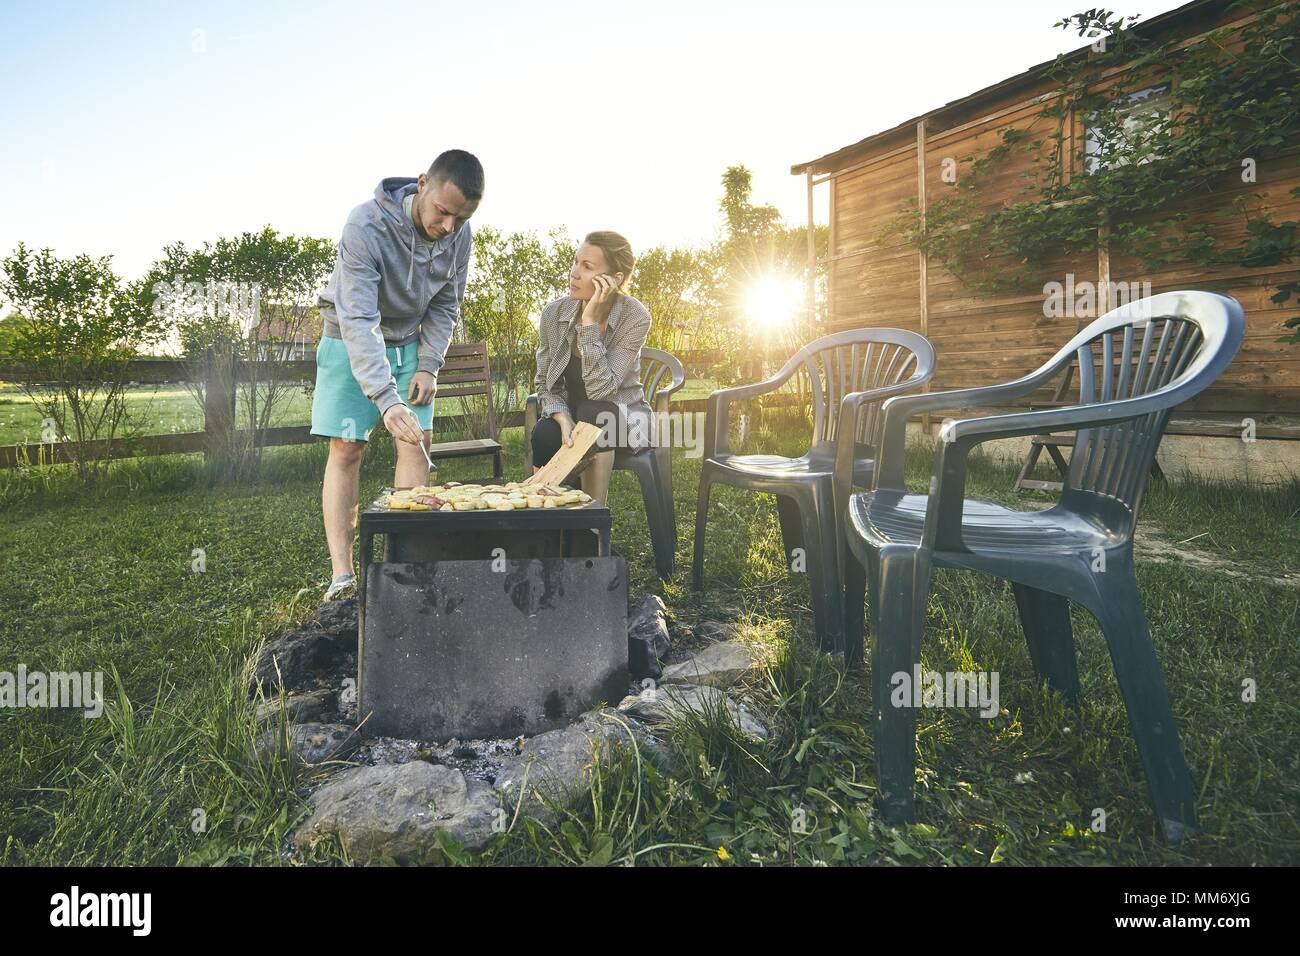 Im Sommer auf der Gartenterrasse. Junges Paar Grillen gegen Chalet am Sonnenuntergang. Stockbild